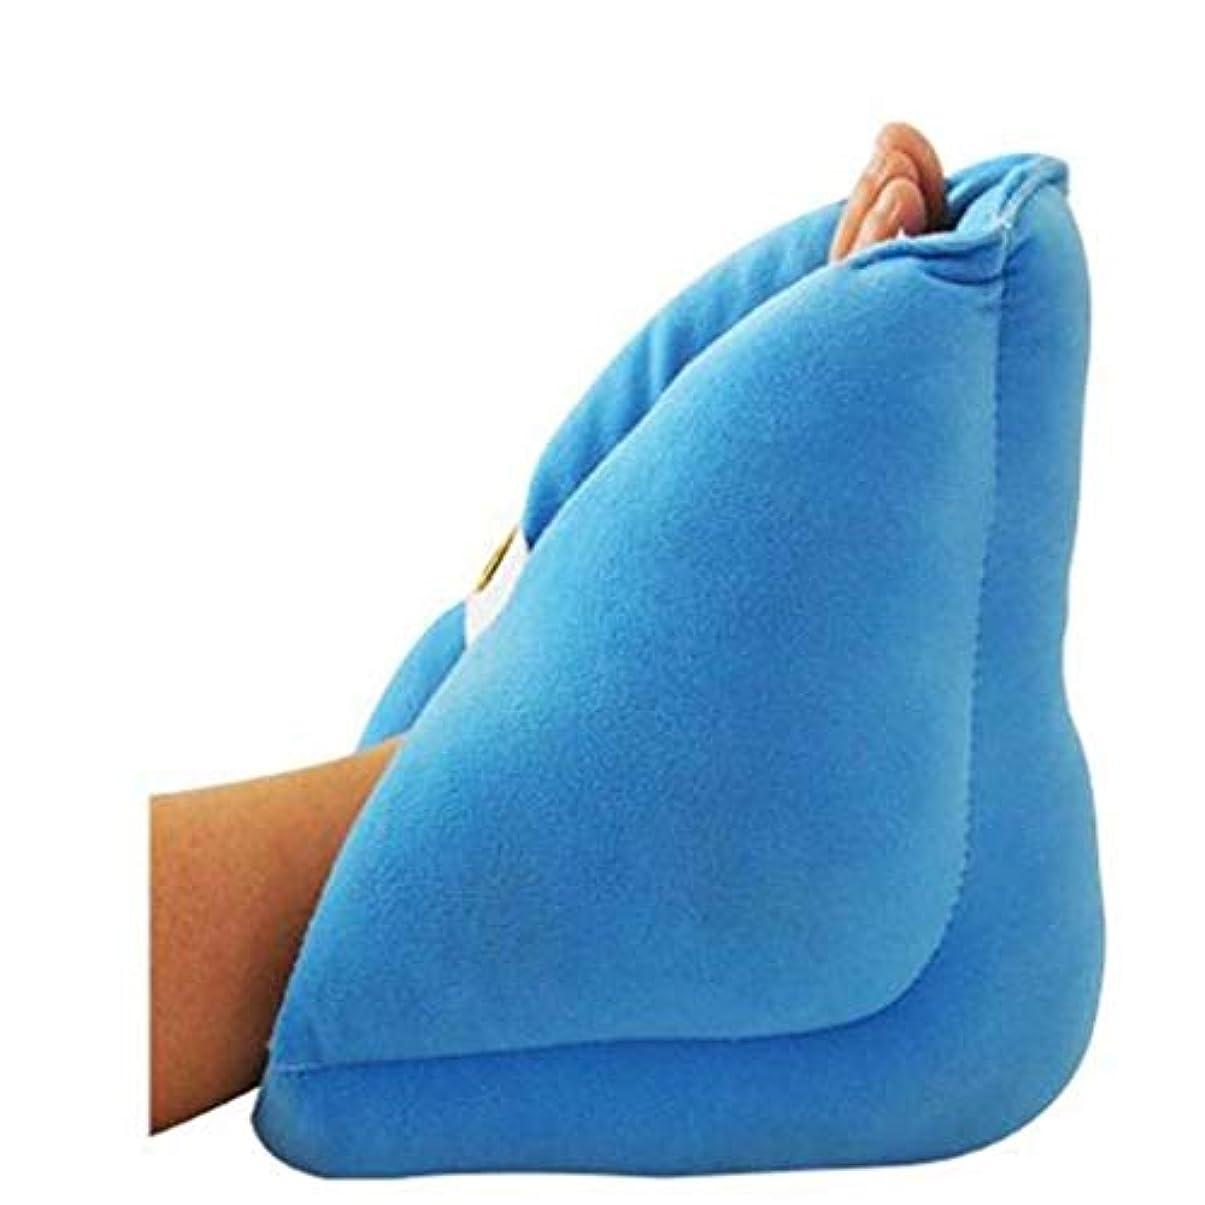 無謀オズワルド版柔らかく快適なヒールプロテクター枕、ヒールフロートヒールプロテクター、Pressure瘡予防のためのアキレス腱プロテクター、高齢者の足補正カバー (Color : 1pair)